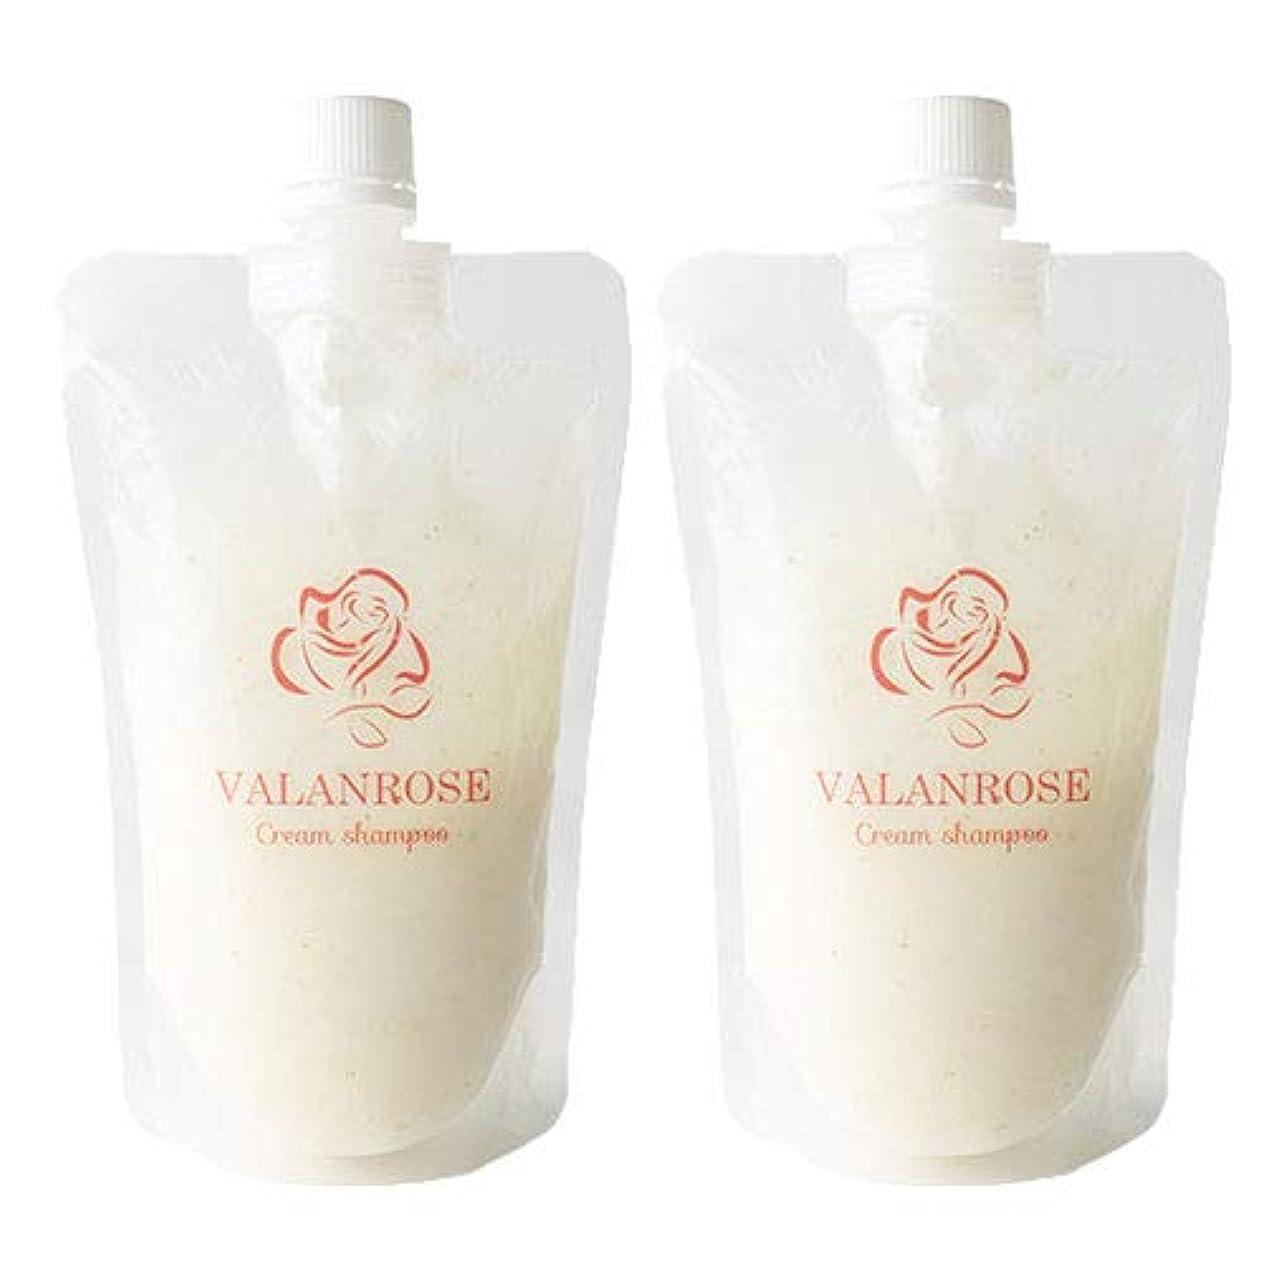 ピアニストメンターネットバランローズ クリームシャンプー2個×1セット VALANROSE Cream shampoo/シャンプー クリームシャンプー 髪 ヘアケア